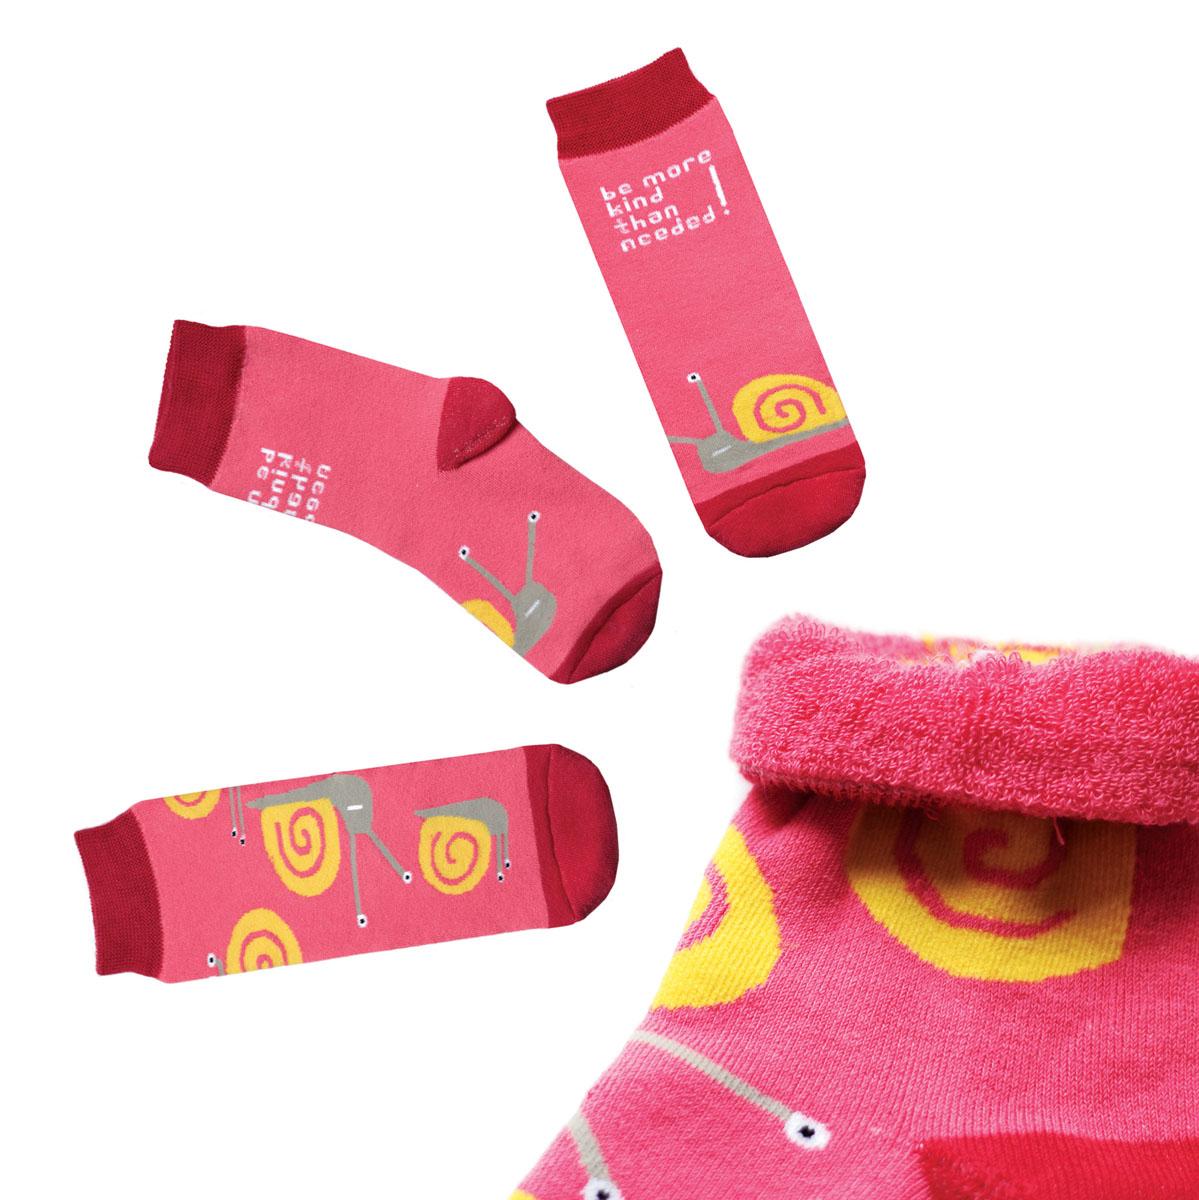 Носкиca1623Яркие женские носки Big Bang Socks изготовлены из высококачественного хлопка с добавлением полиамидных и эластановых волокон, которые обеспечивают великолепную посадку. Носки отличаются ярким стильным дизайном. Они оформлены изображением улиток и надписью на английском языке. Удобная резинка идеально облегает ногу и не пережимает сосуды, усиленные пятка и мысок повышают износоустойчивость носка, а удлиненный паголенок придает более эстетичный вид. Дизайнерские носки Big Bang Socks - яркая деталь в вашем образе и оригинальный подарок для друзей и близких.